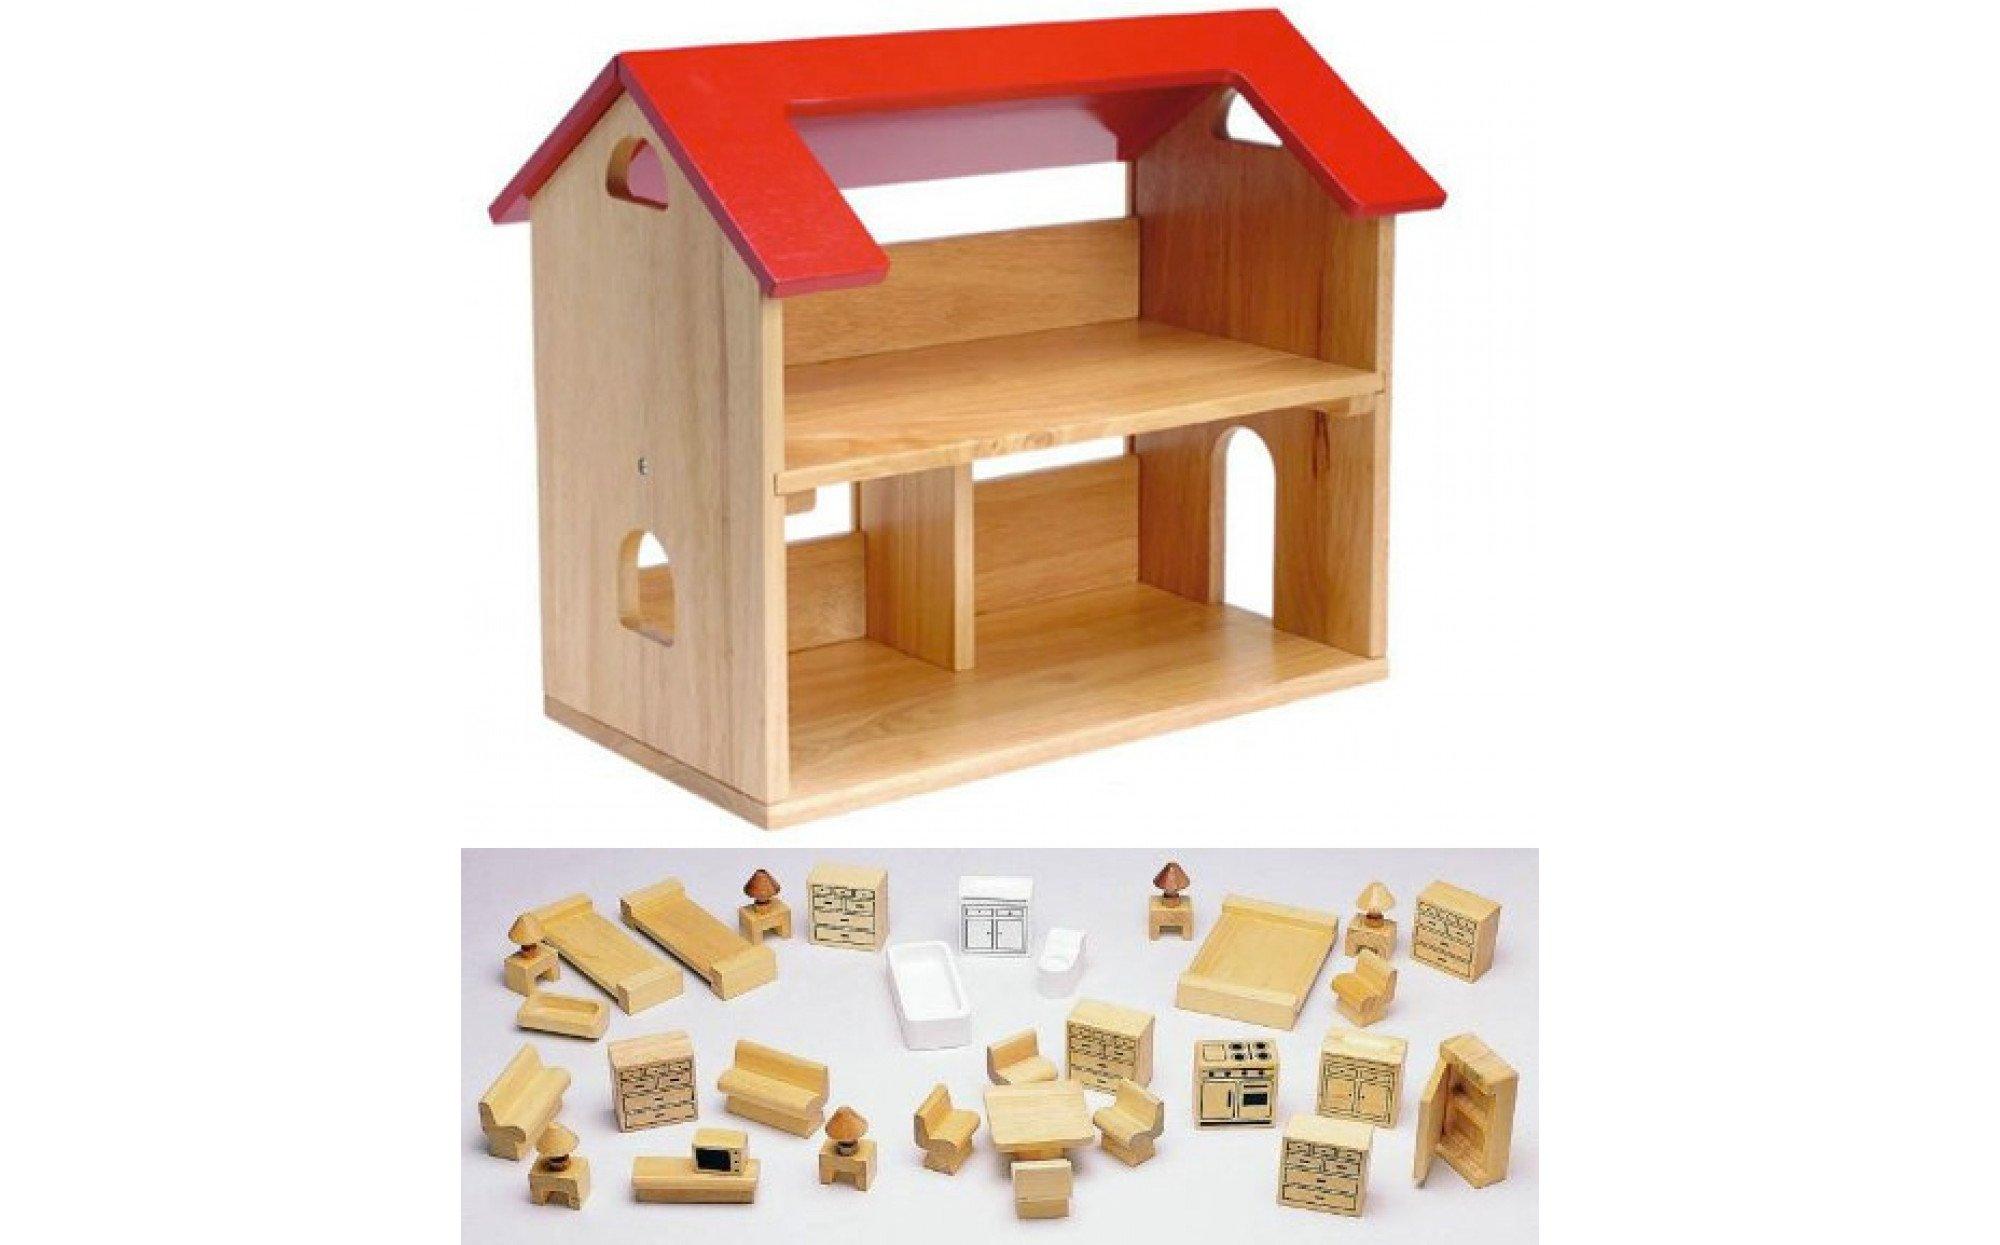 Fullsize Of Wooden Doll House